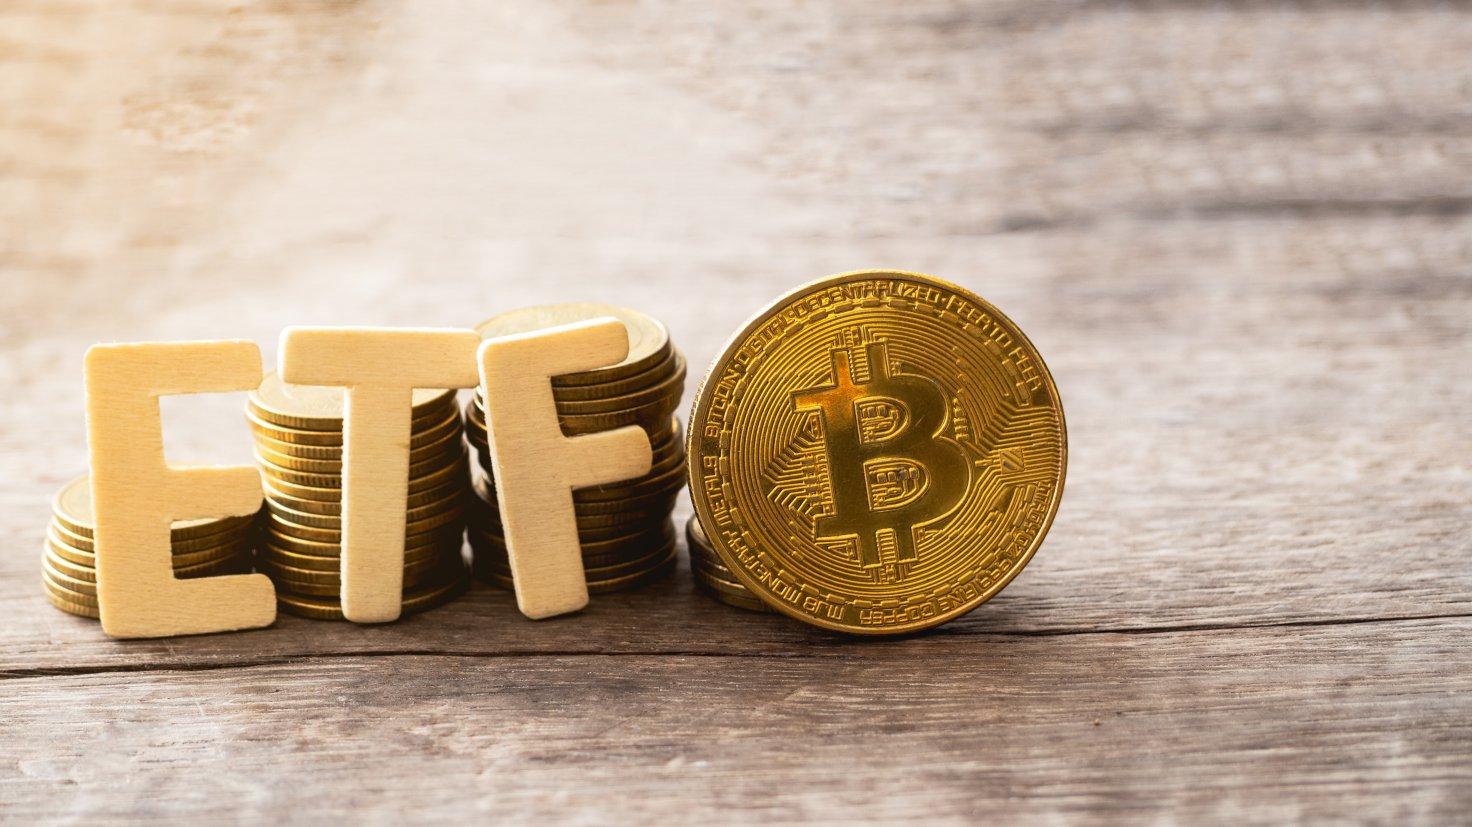 """شركة """"Kryptoin"""" تعيد تقديم طلب """"ETF"""" البيتكوين لهيئة """"SEC"""" لمراجعته"""